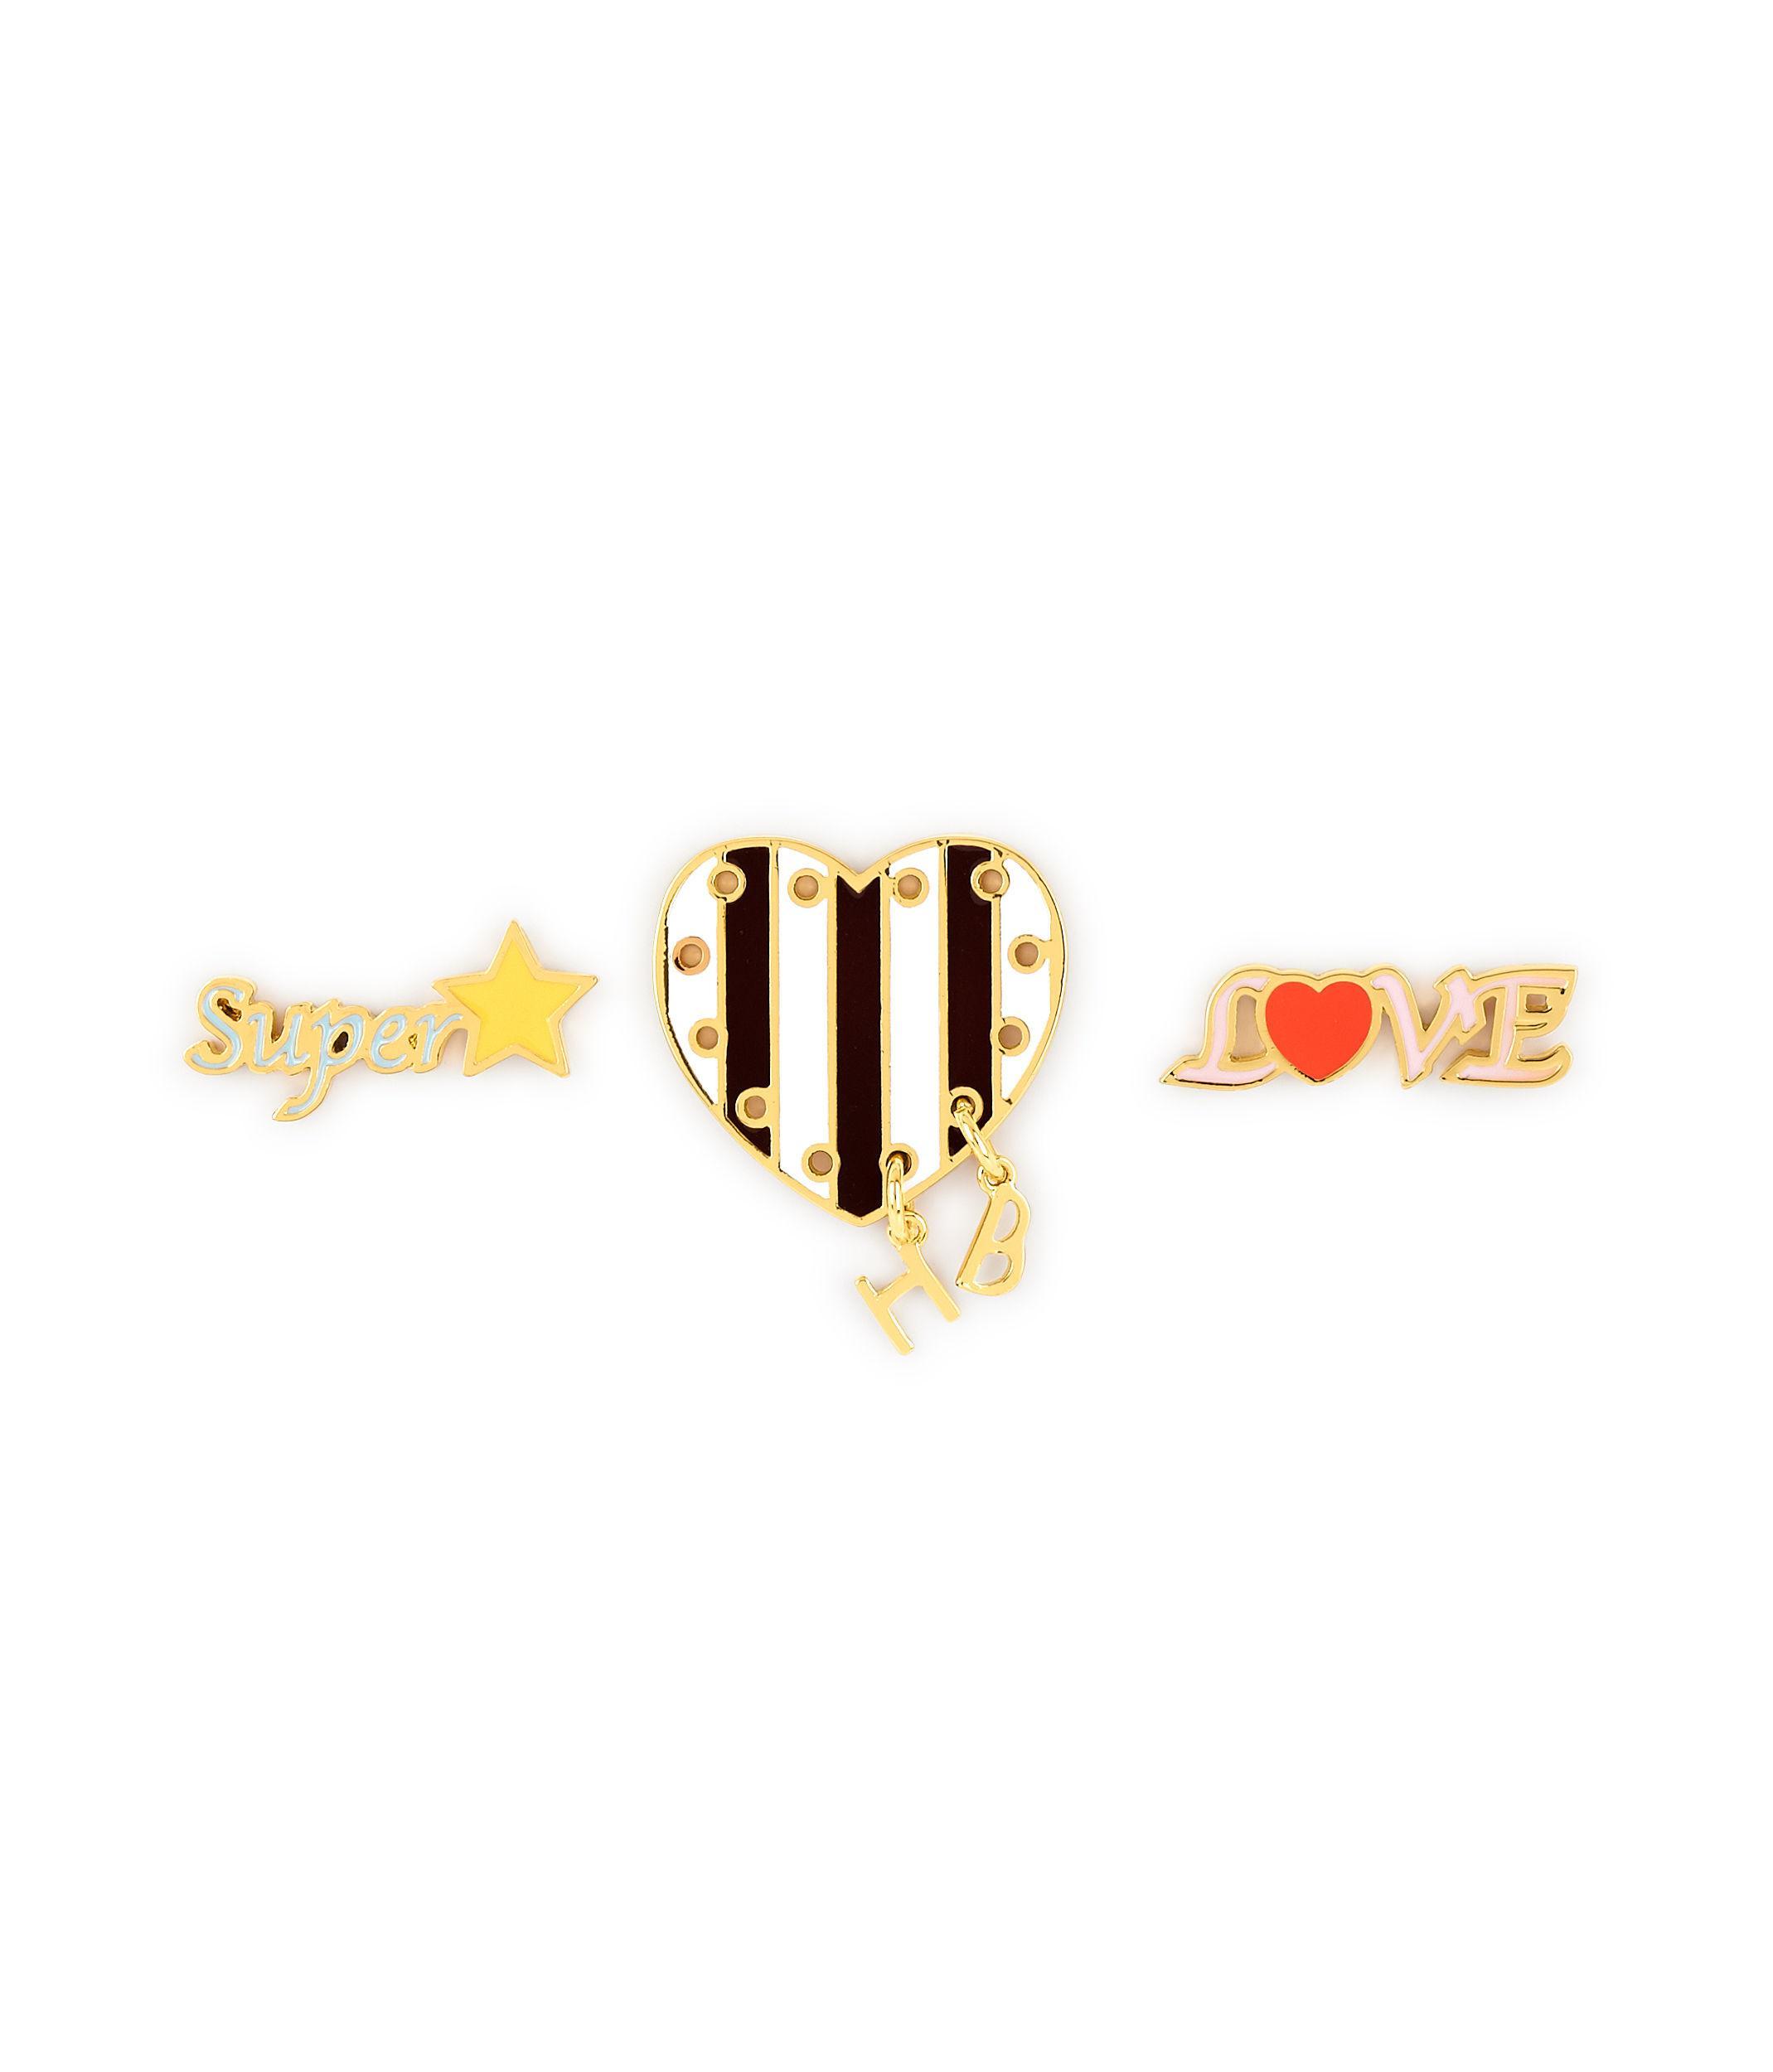 Henri Bendel Stars & Heart Crystal Pin Set kieKQR2fQJ